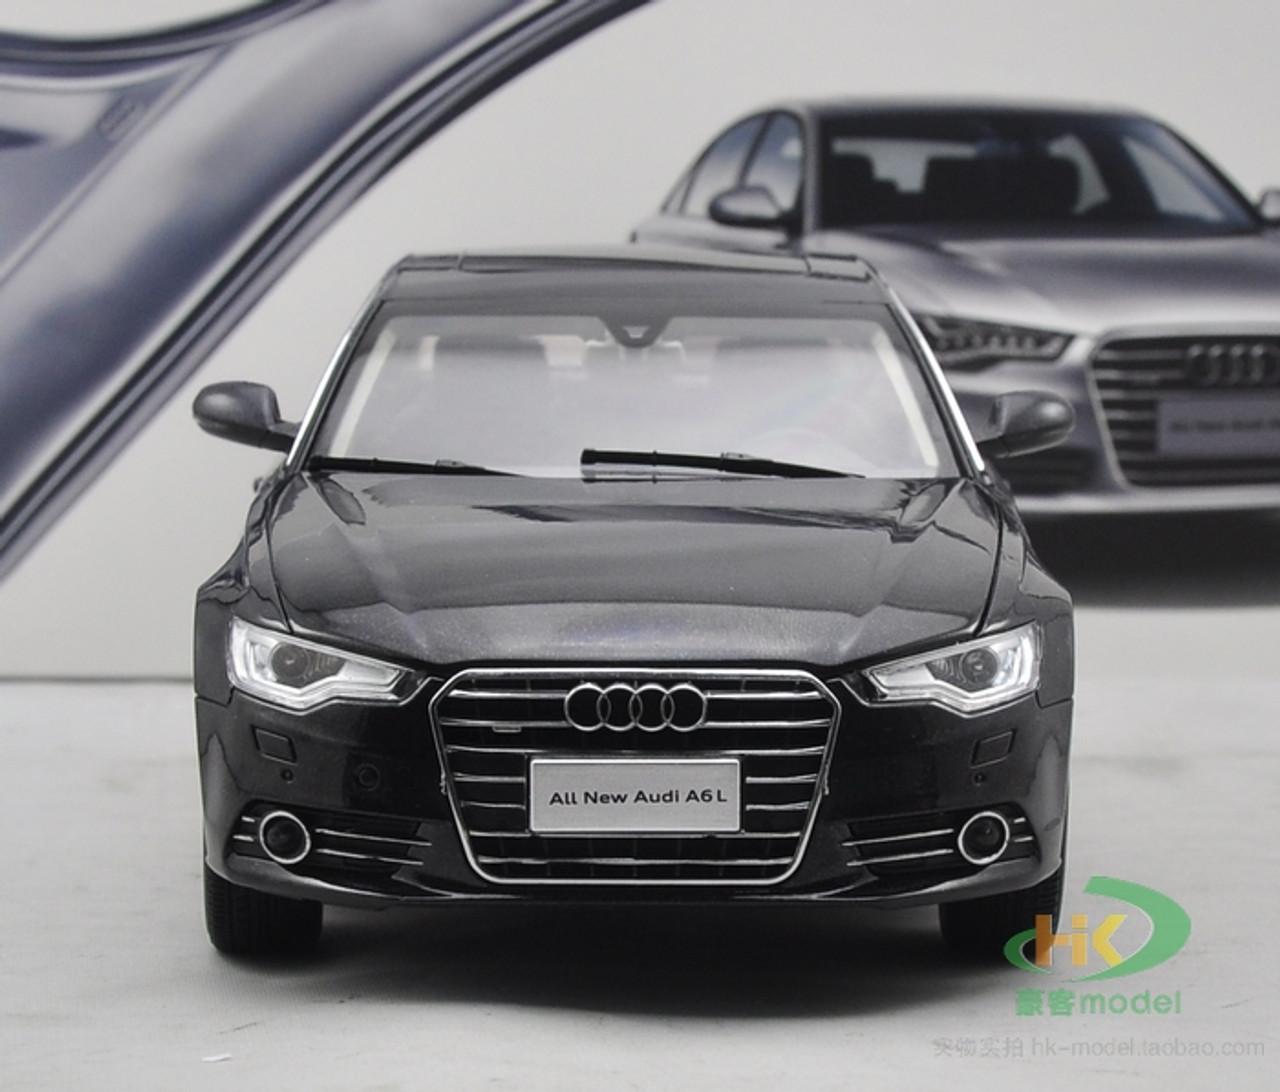 13/138 Dealer Edition Audi A13 A13L (Black) Diecast Car Model   audi car model